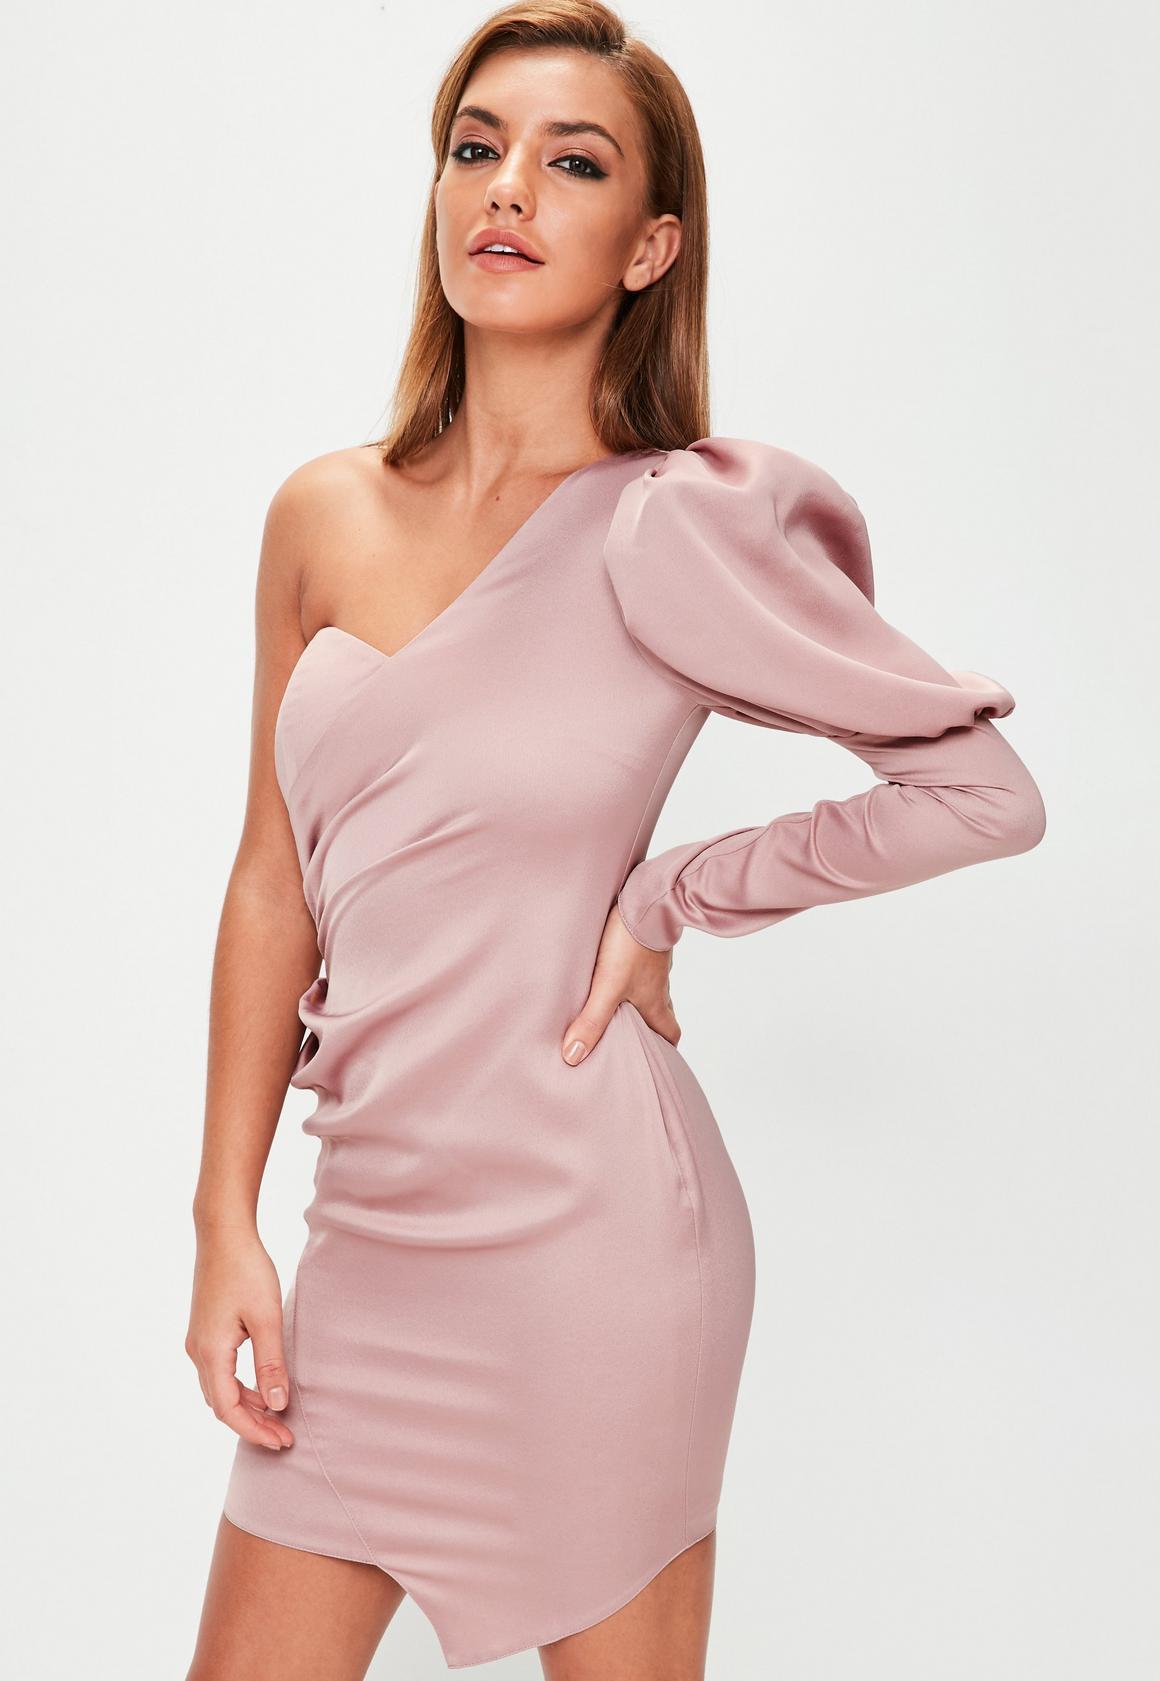 Contemporáneo Vestido De La Dama De Honor De Color Rosa Pálido ...